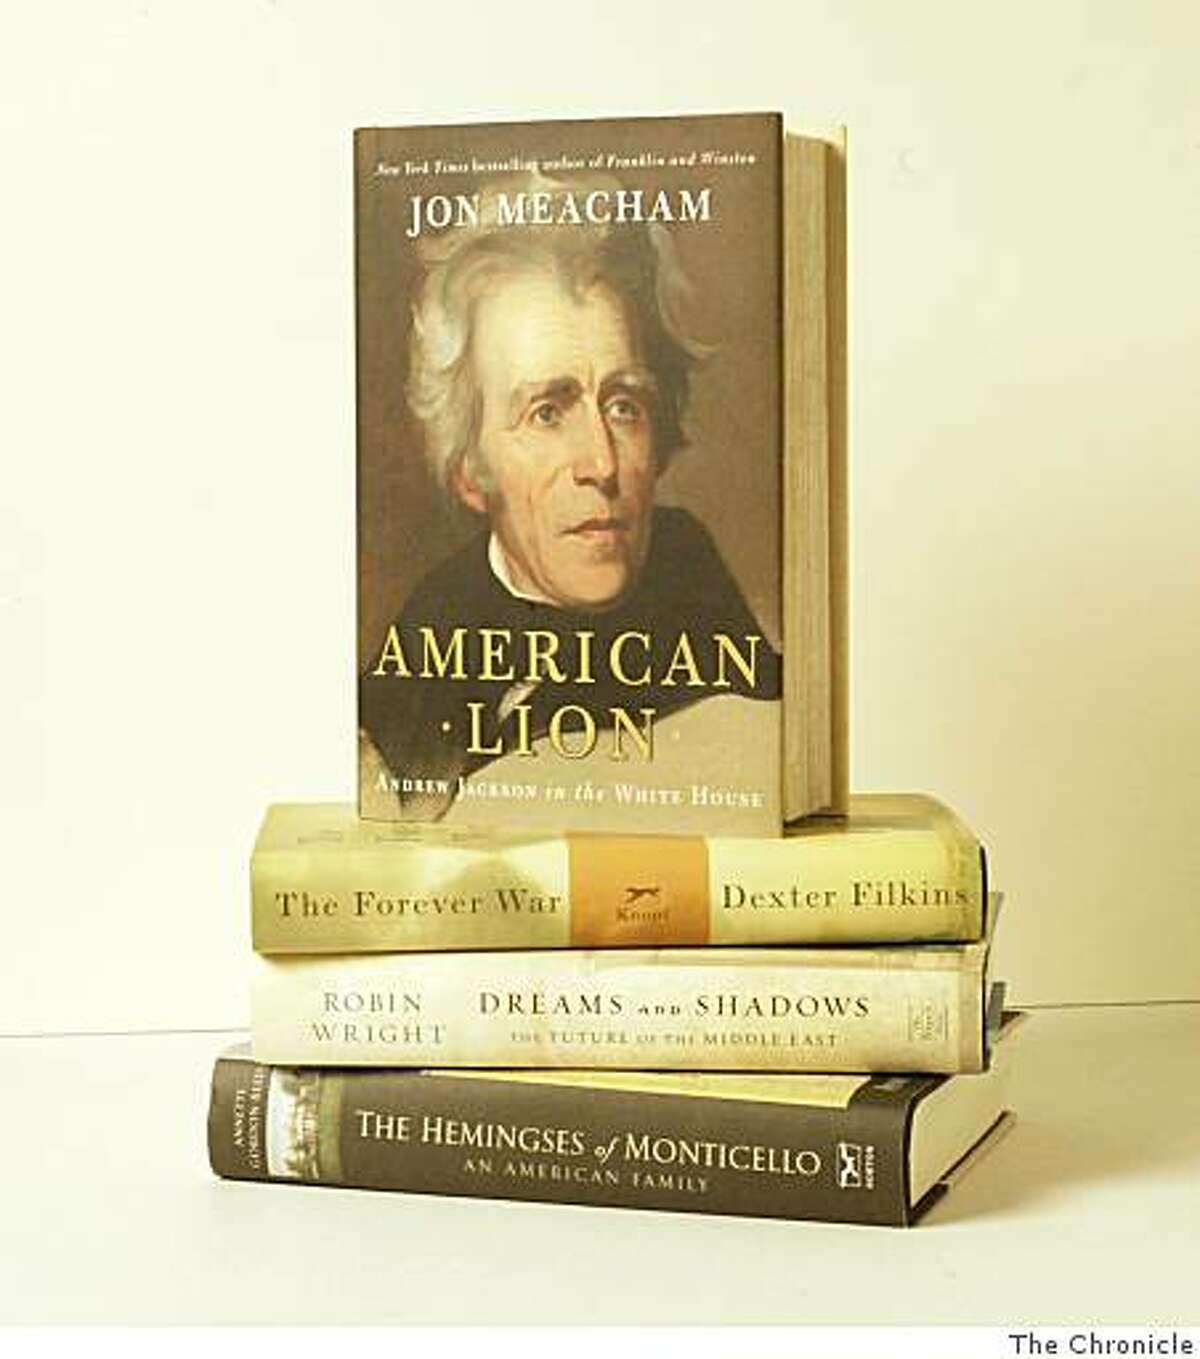 arrangement of best nonfiction books of 2008